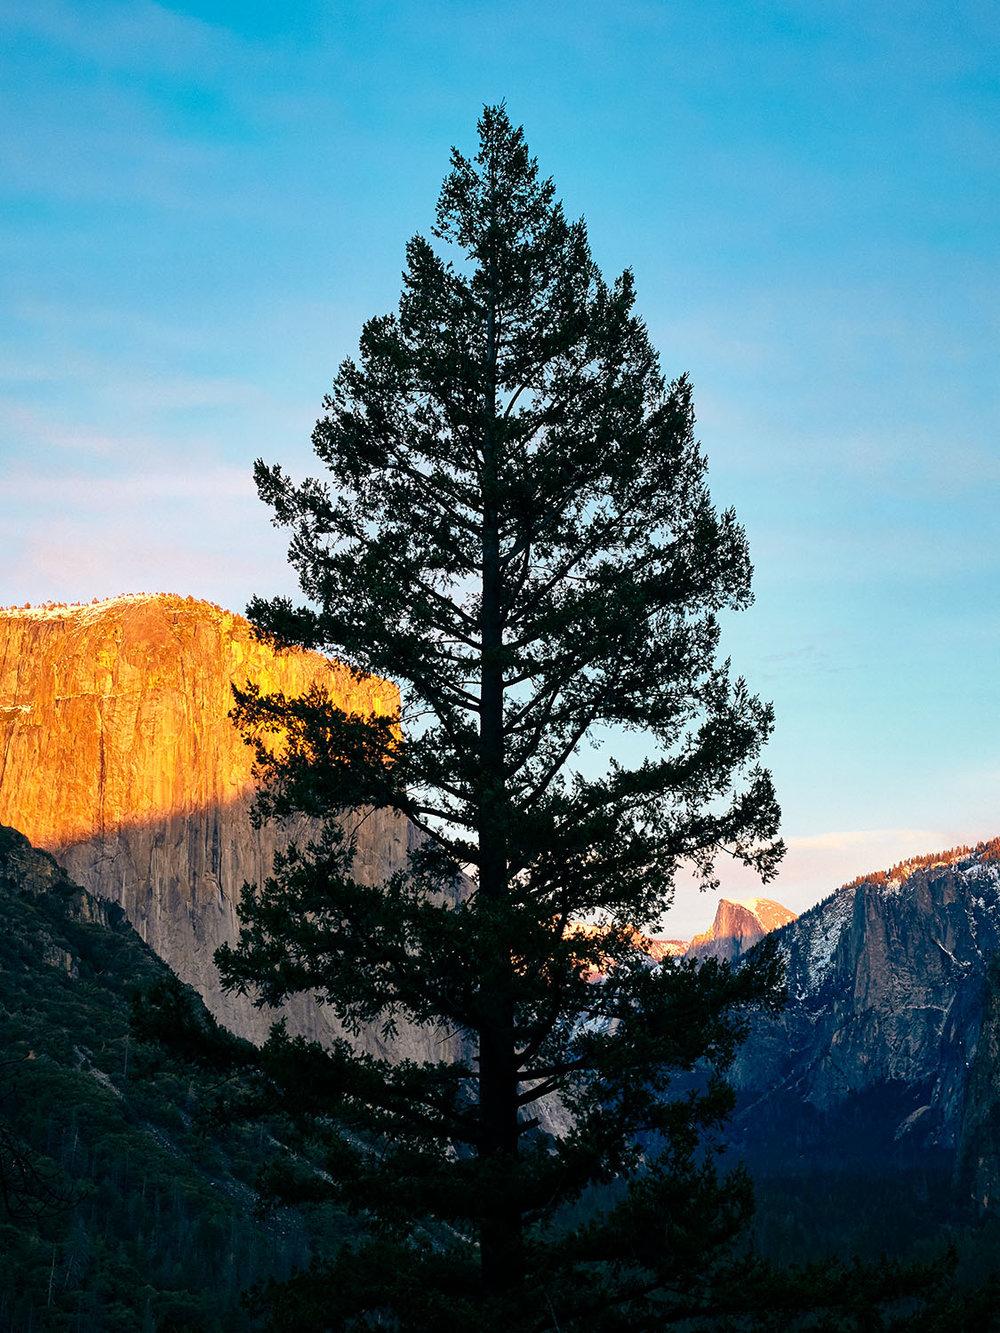 181214-SD-Yosemite-0561.jpg